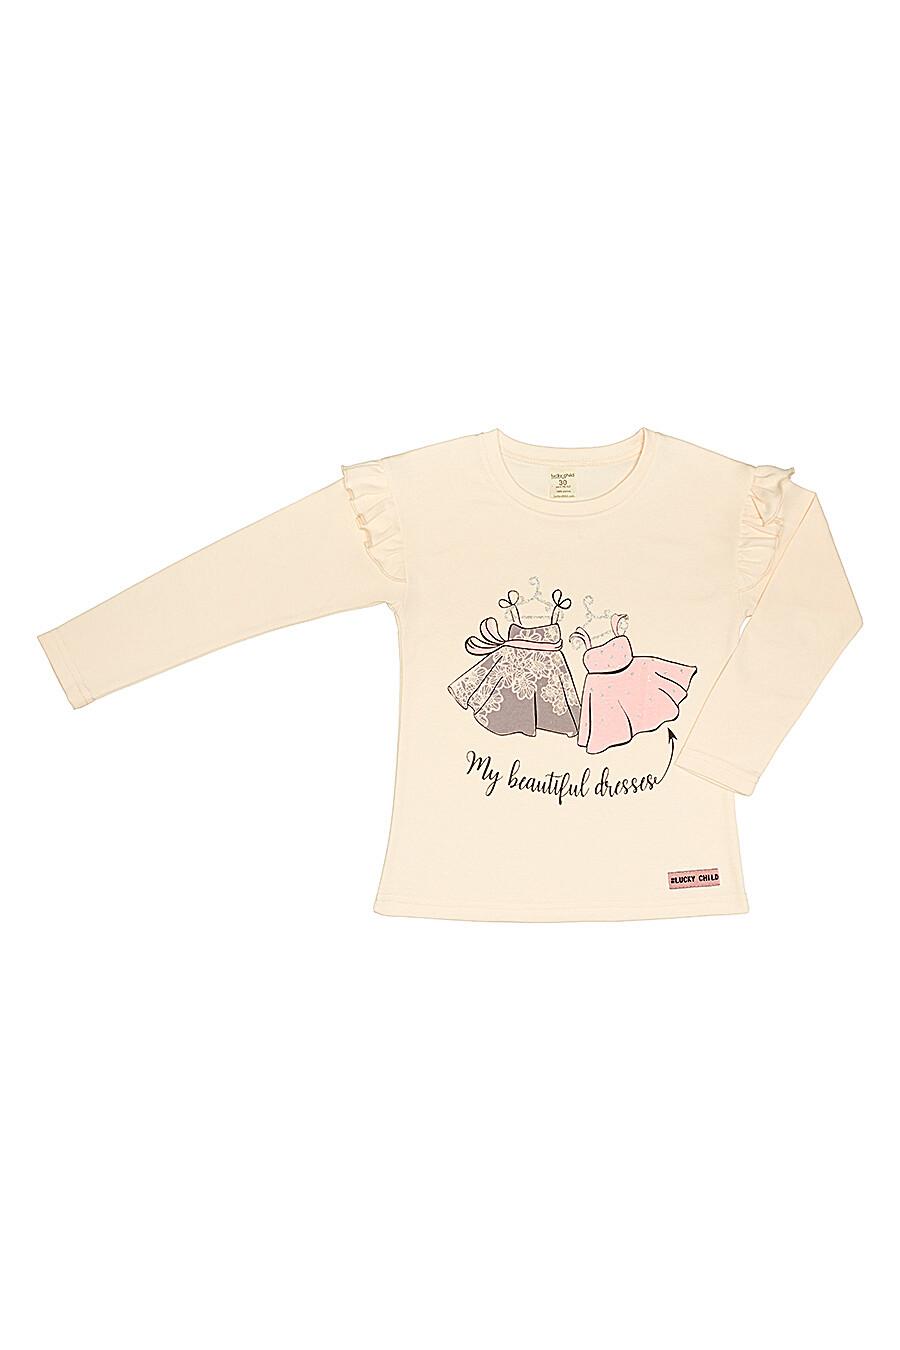 Джемпер для девочек LUCKY CHILD 184685 купить оптом от производителя. Совместная покупка детской одежды в OptMoyo